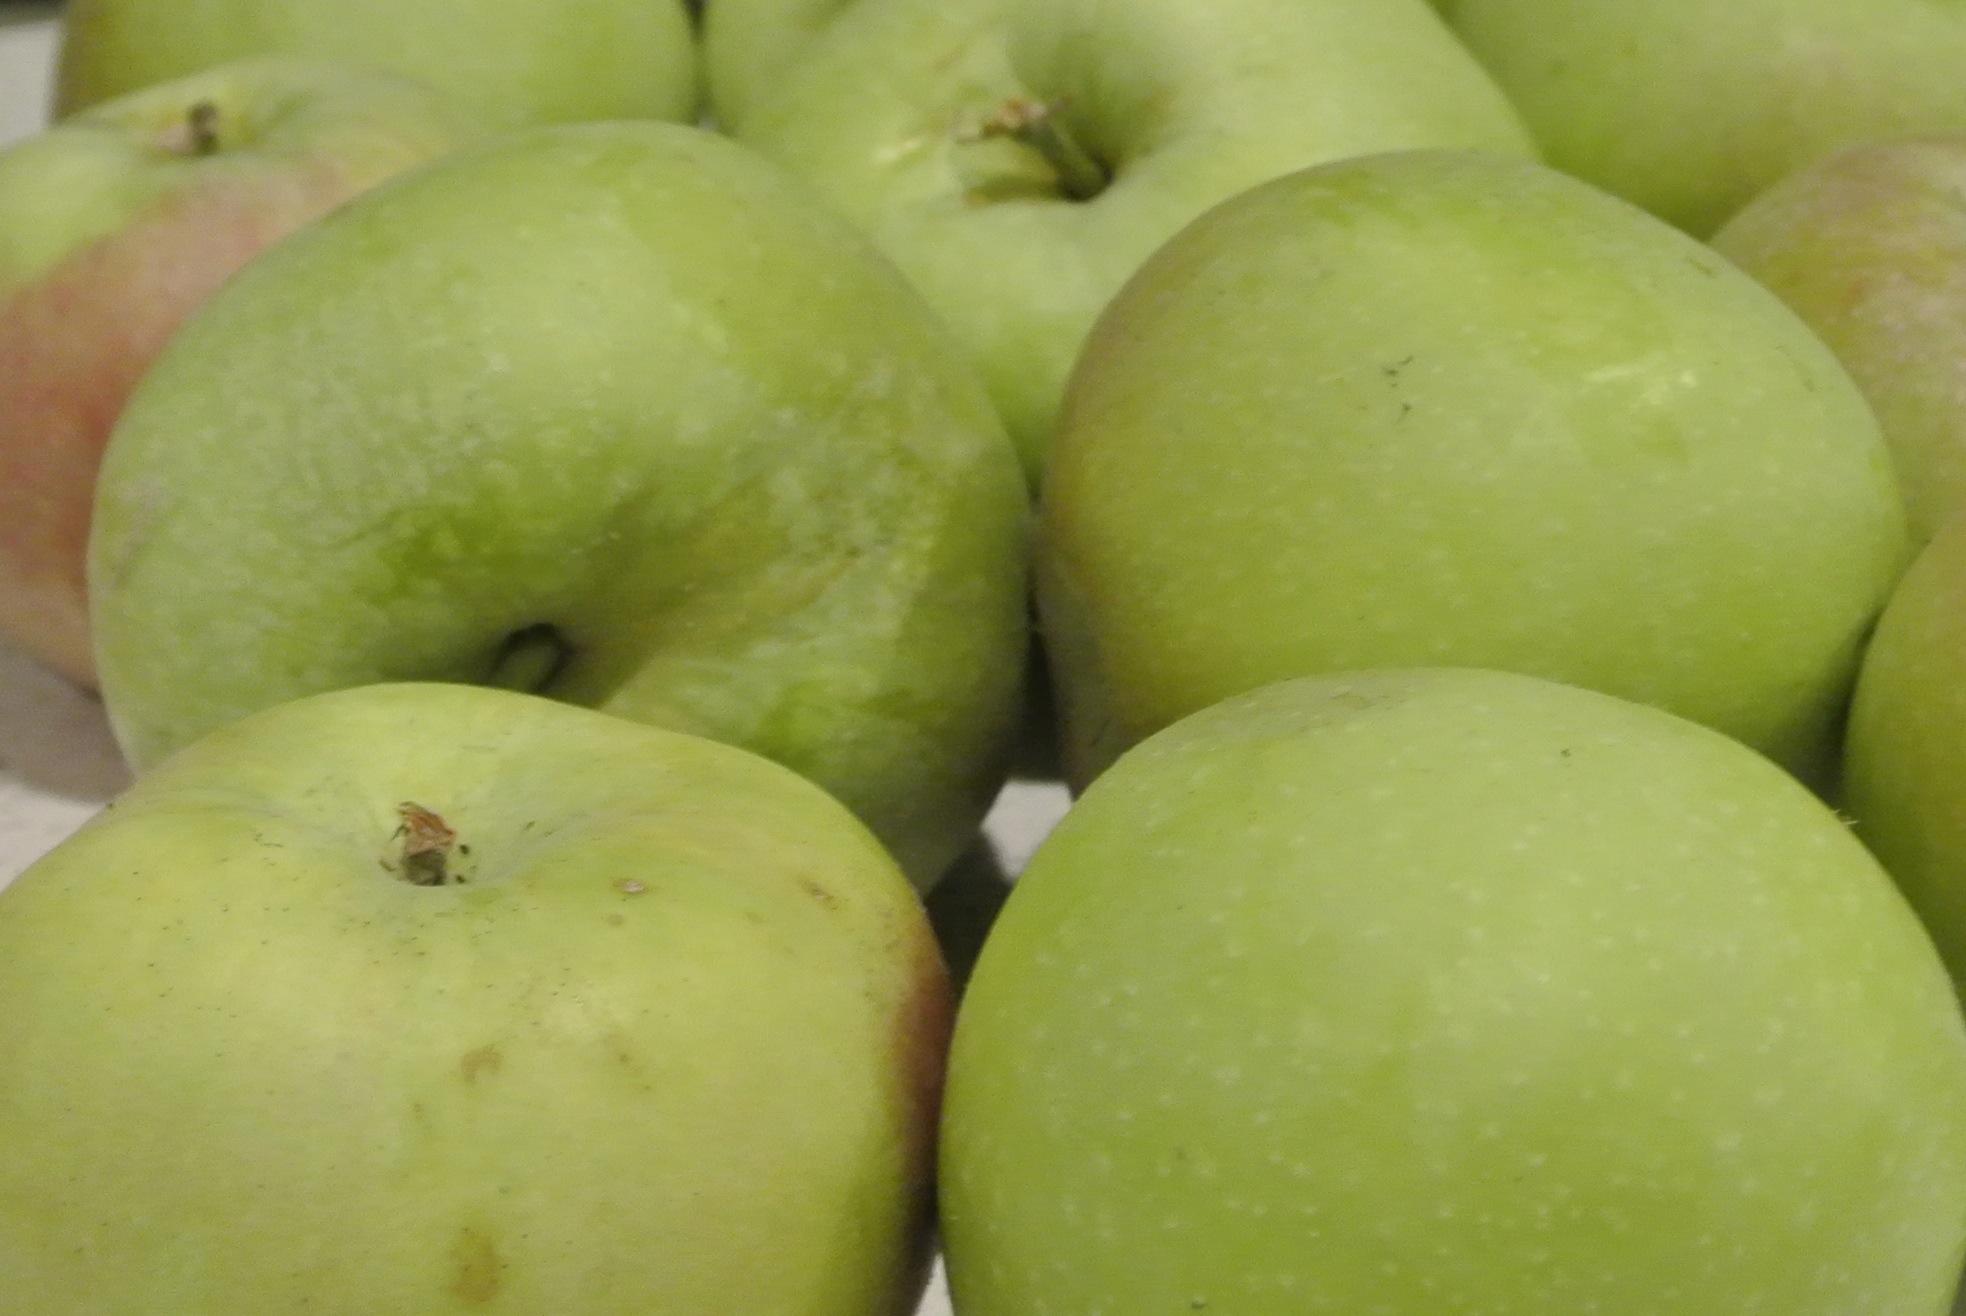 We've Got Apples